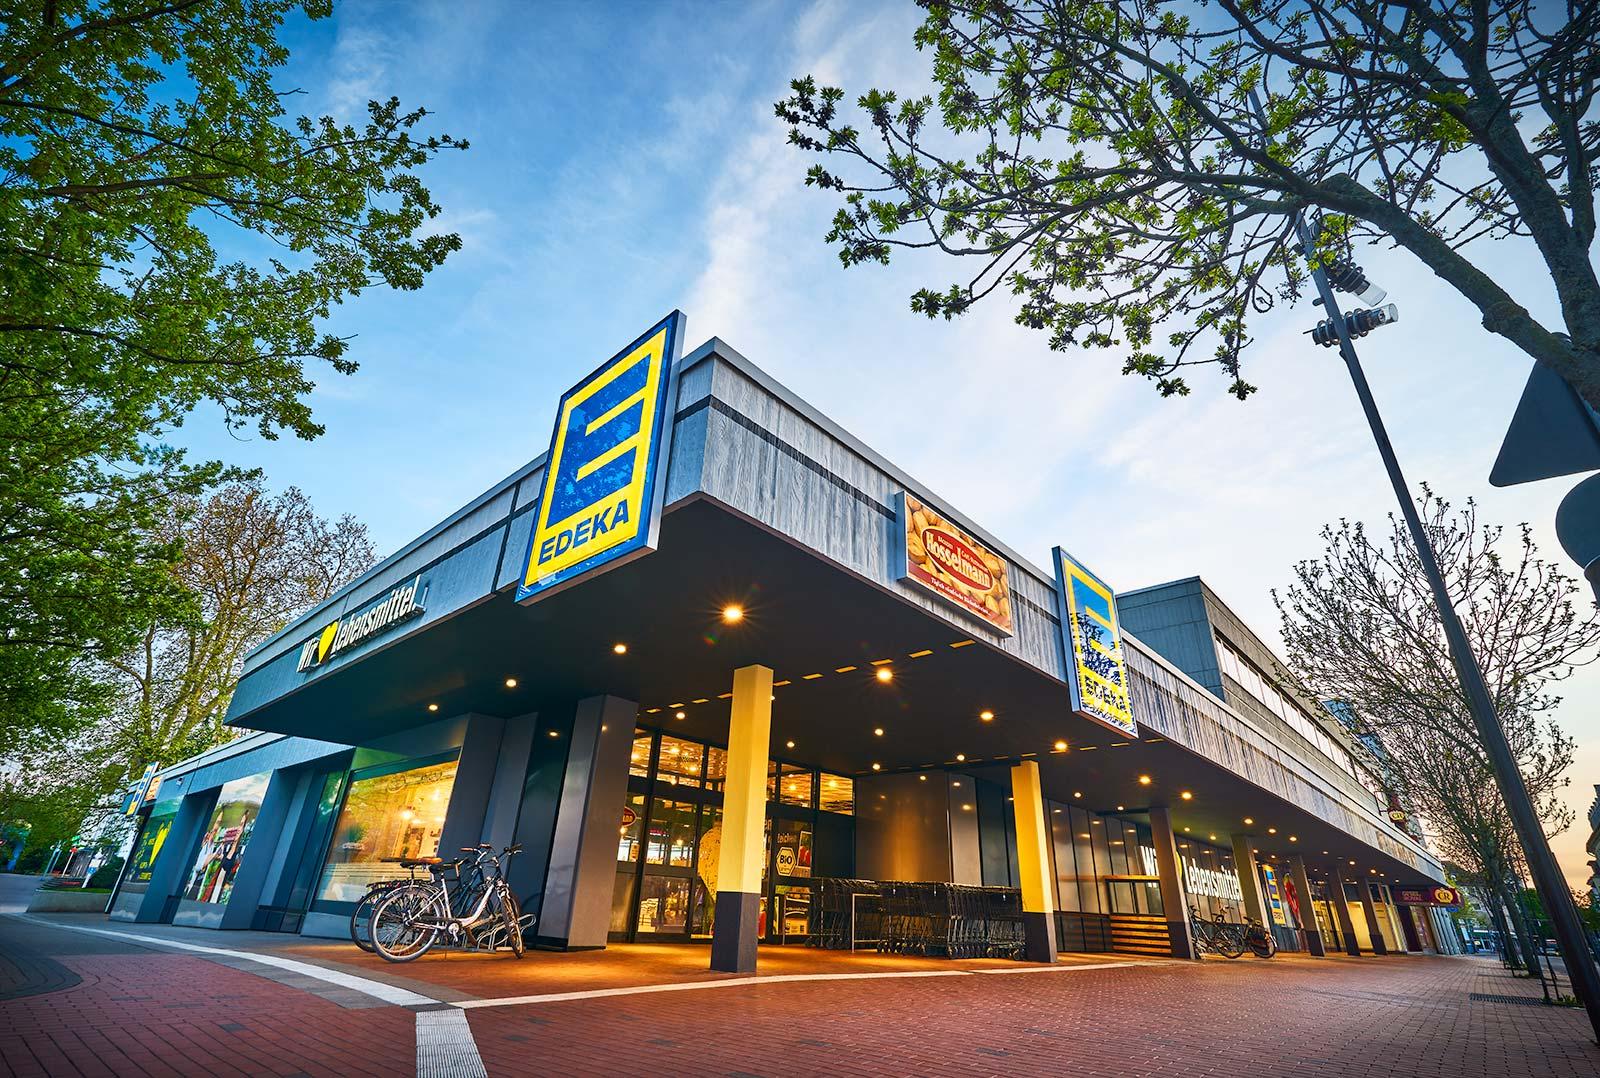 Immobilie in Hamm: Multi-Tenant: Lebensmittel-Einzelhandel / Dienstleister (Spielhalle) / Arztpraxen / Wohnungen